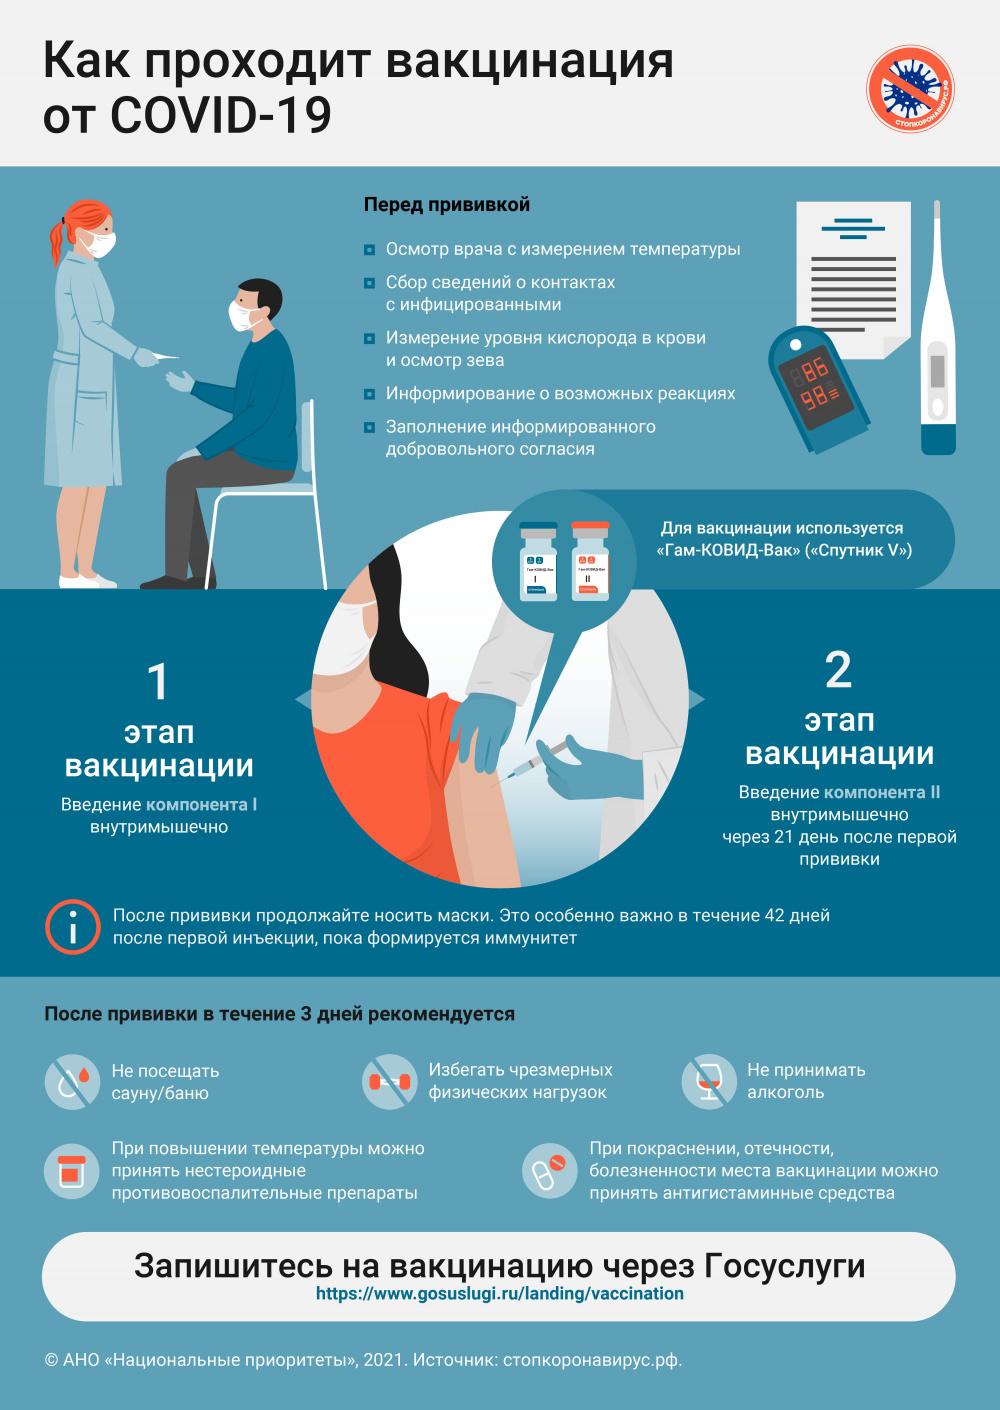 Информация о вакцинации против коронавирусной инфекции